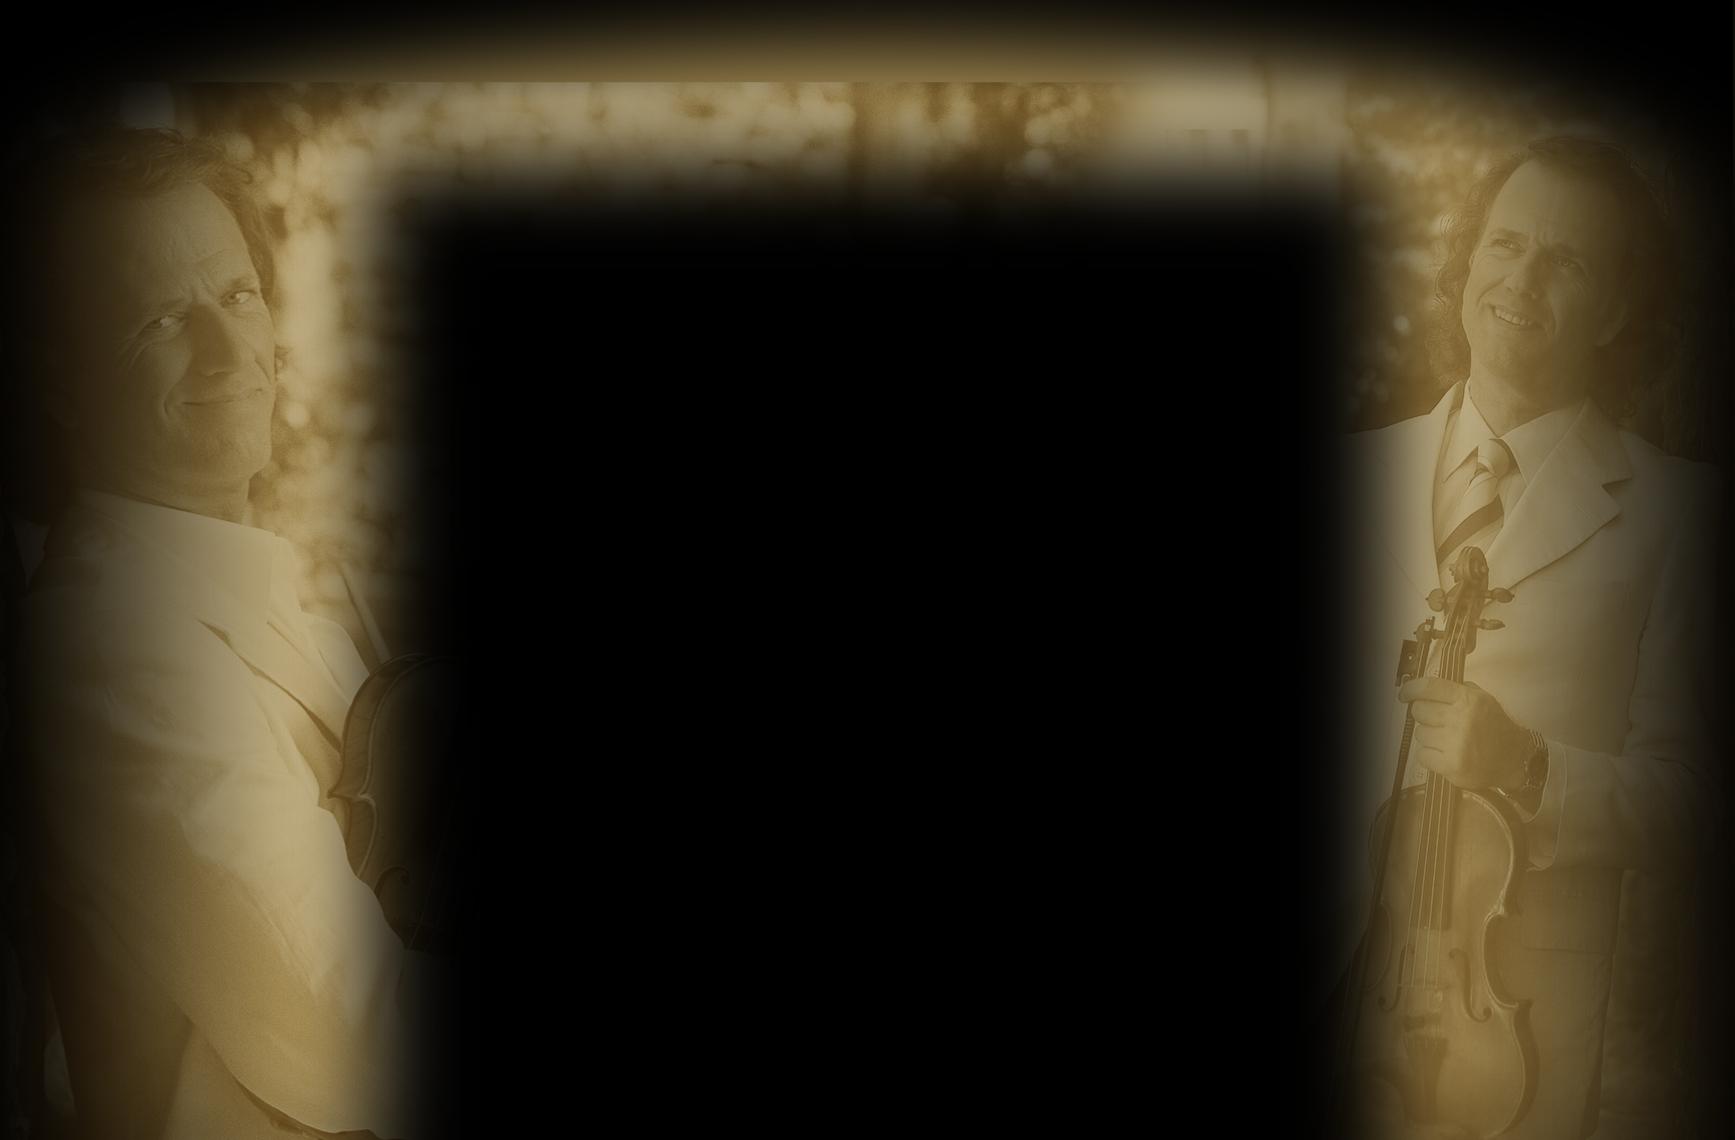 ar-backgrounds-37455.jpg